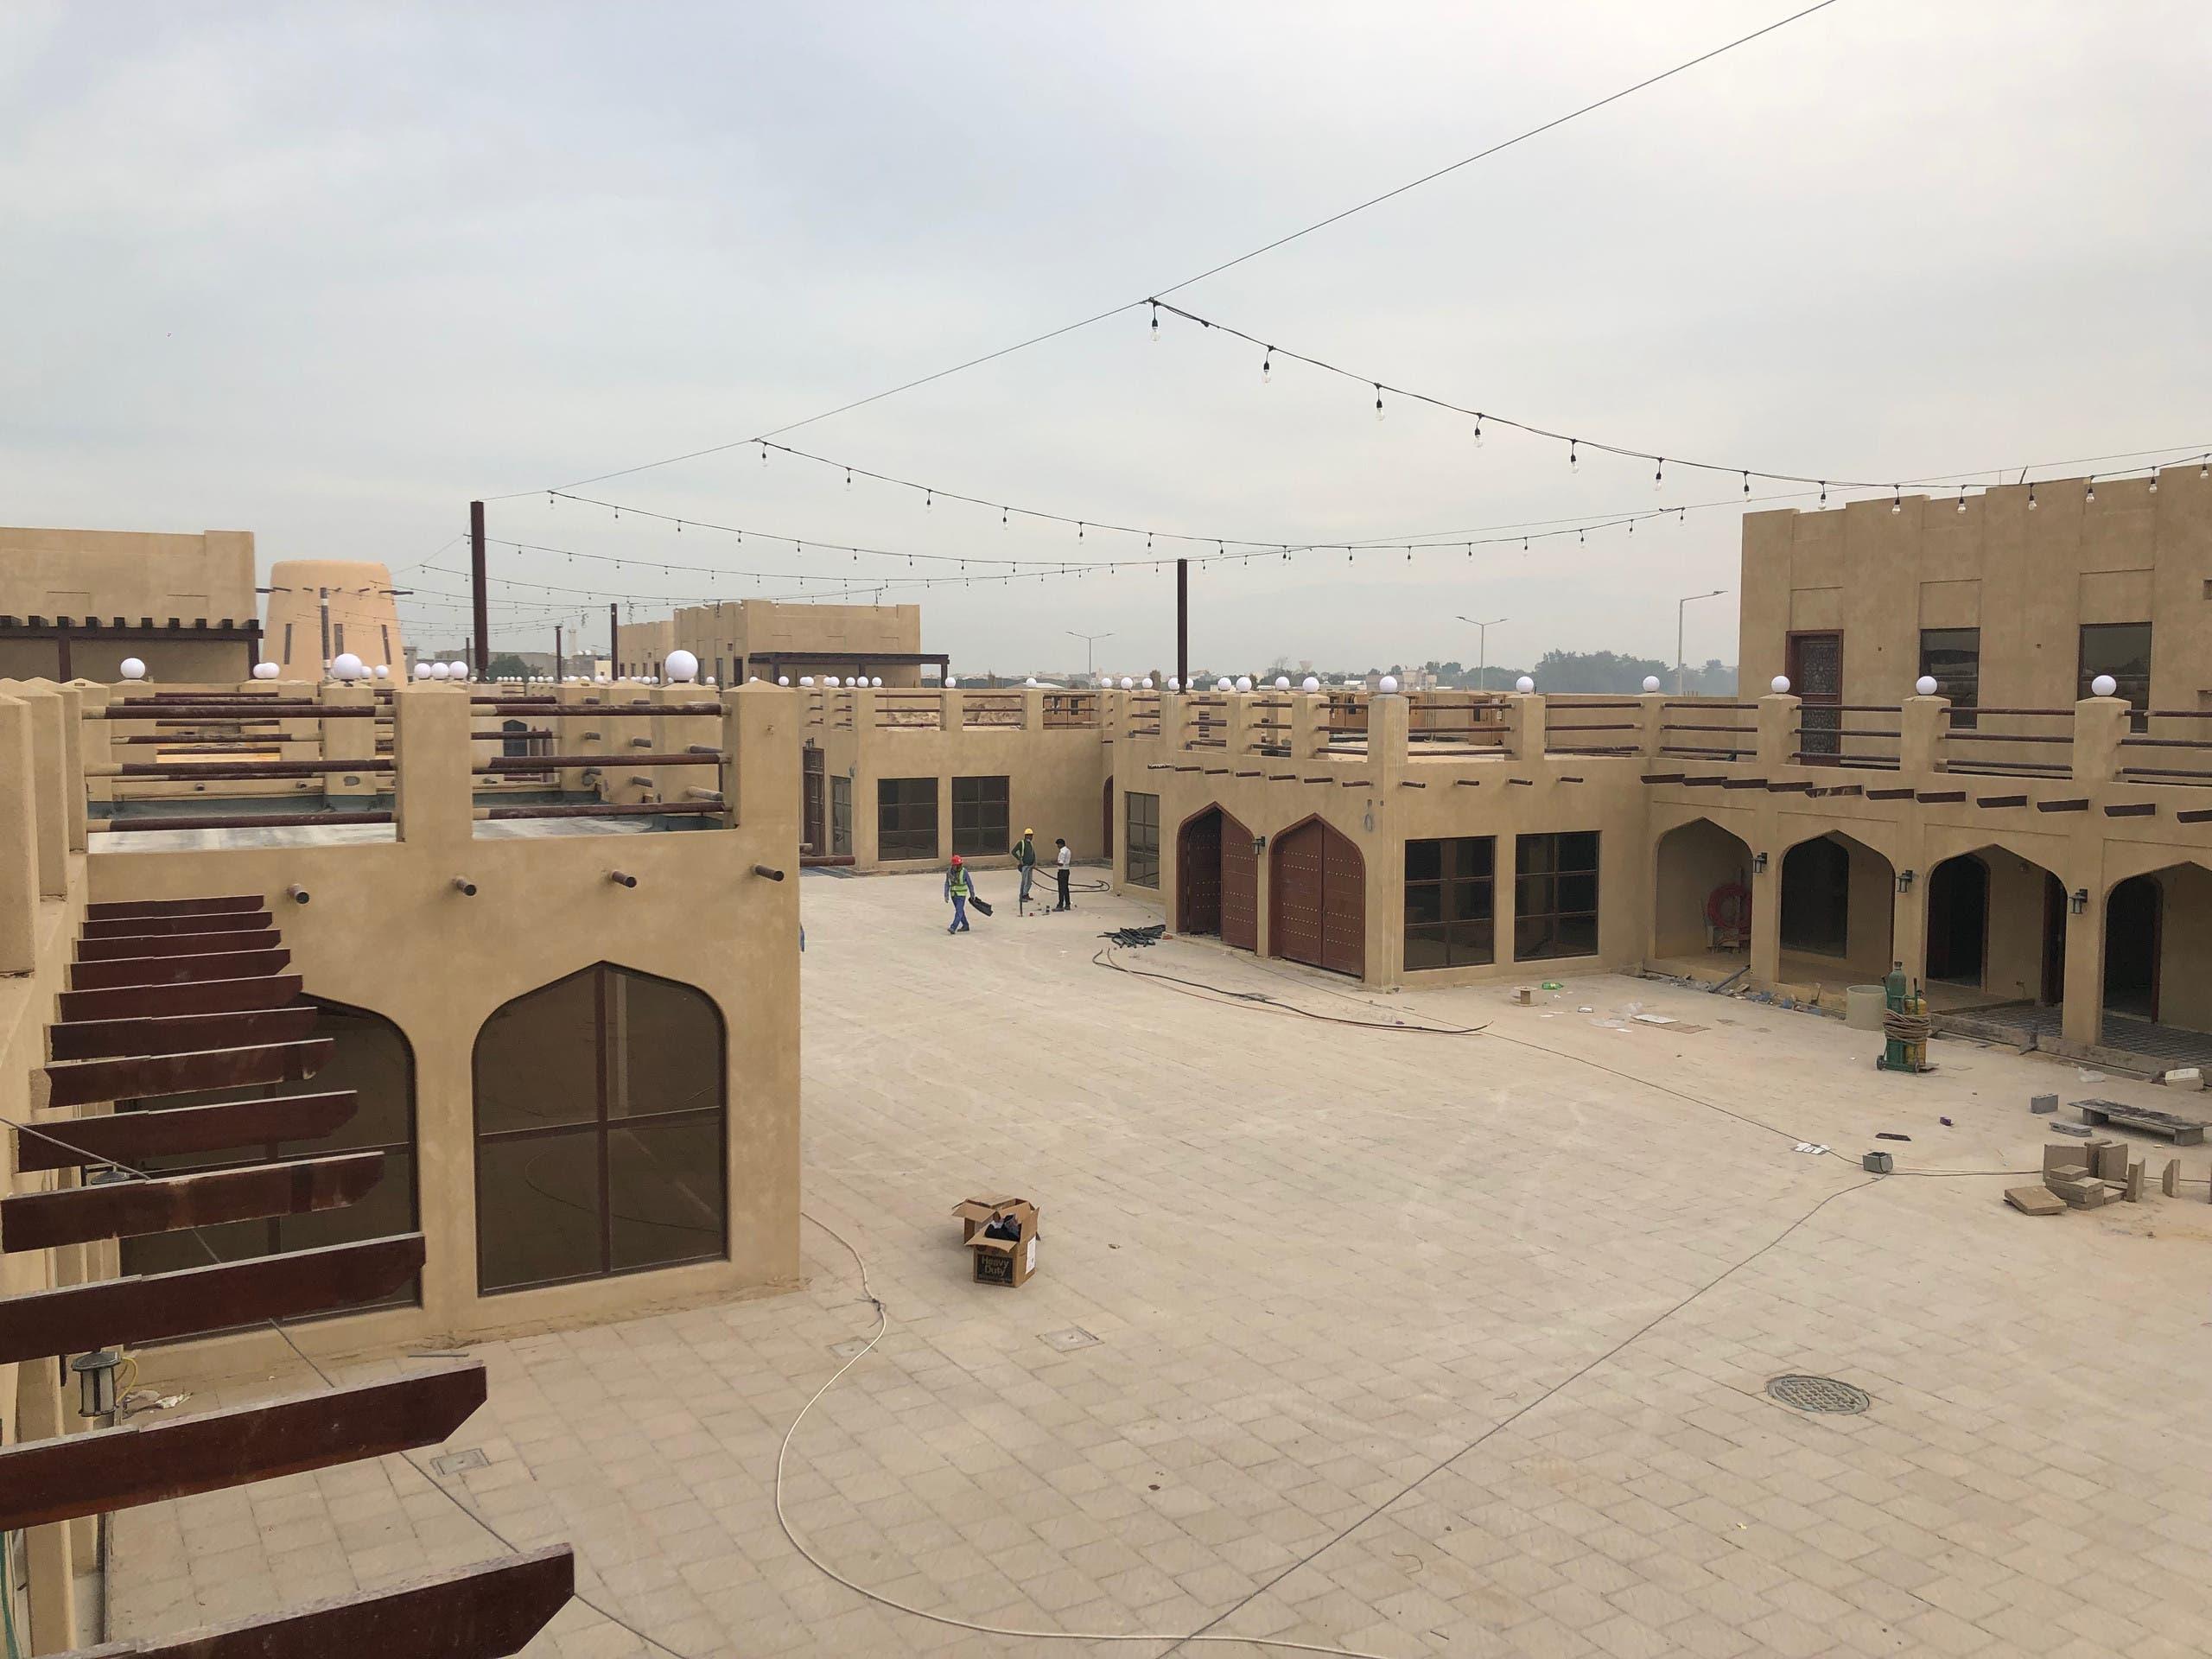 Saudi Arabia's Awamiya 5